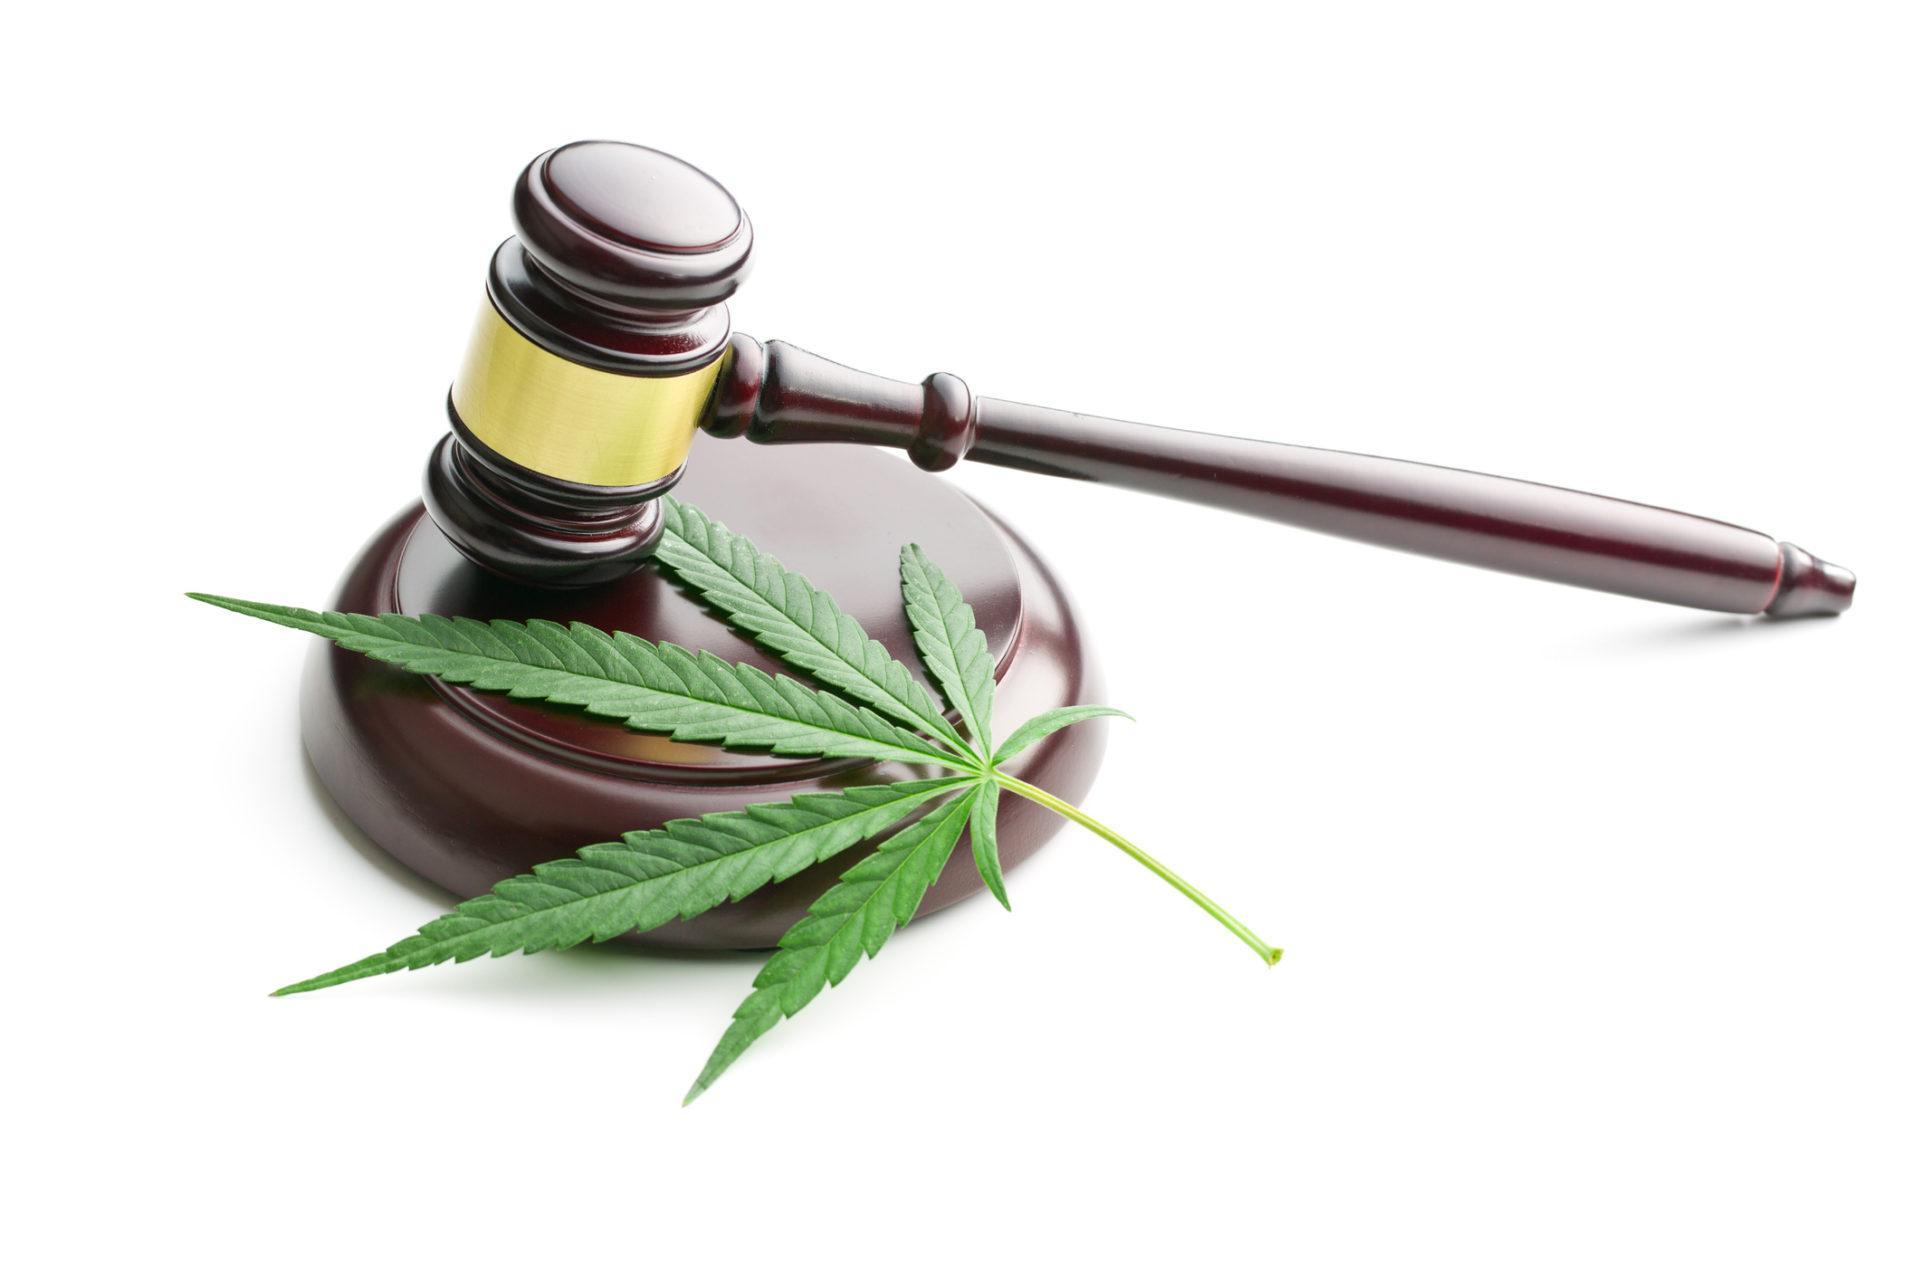 לגליזציה בשימוש בסמים בפורטוגל